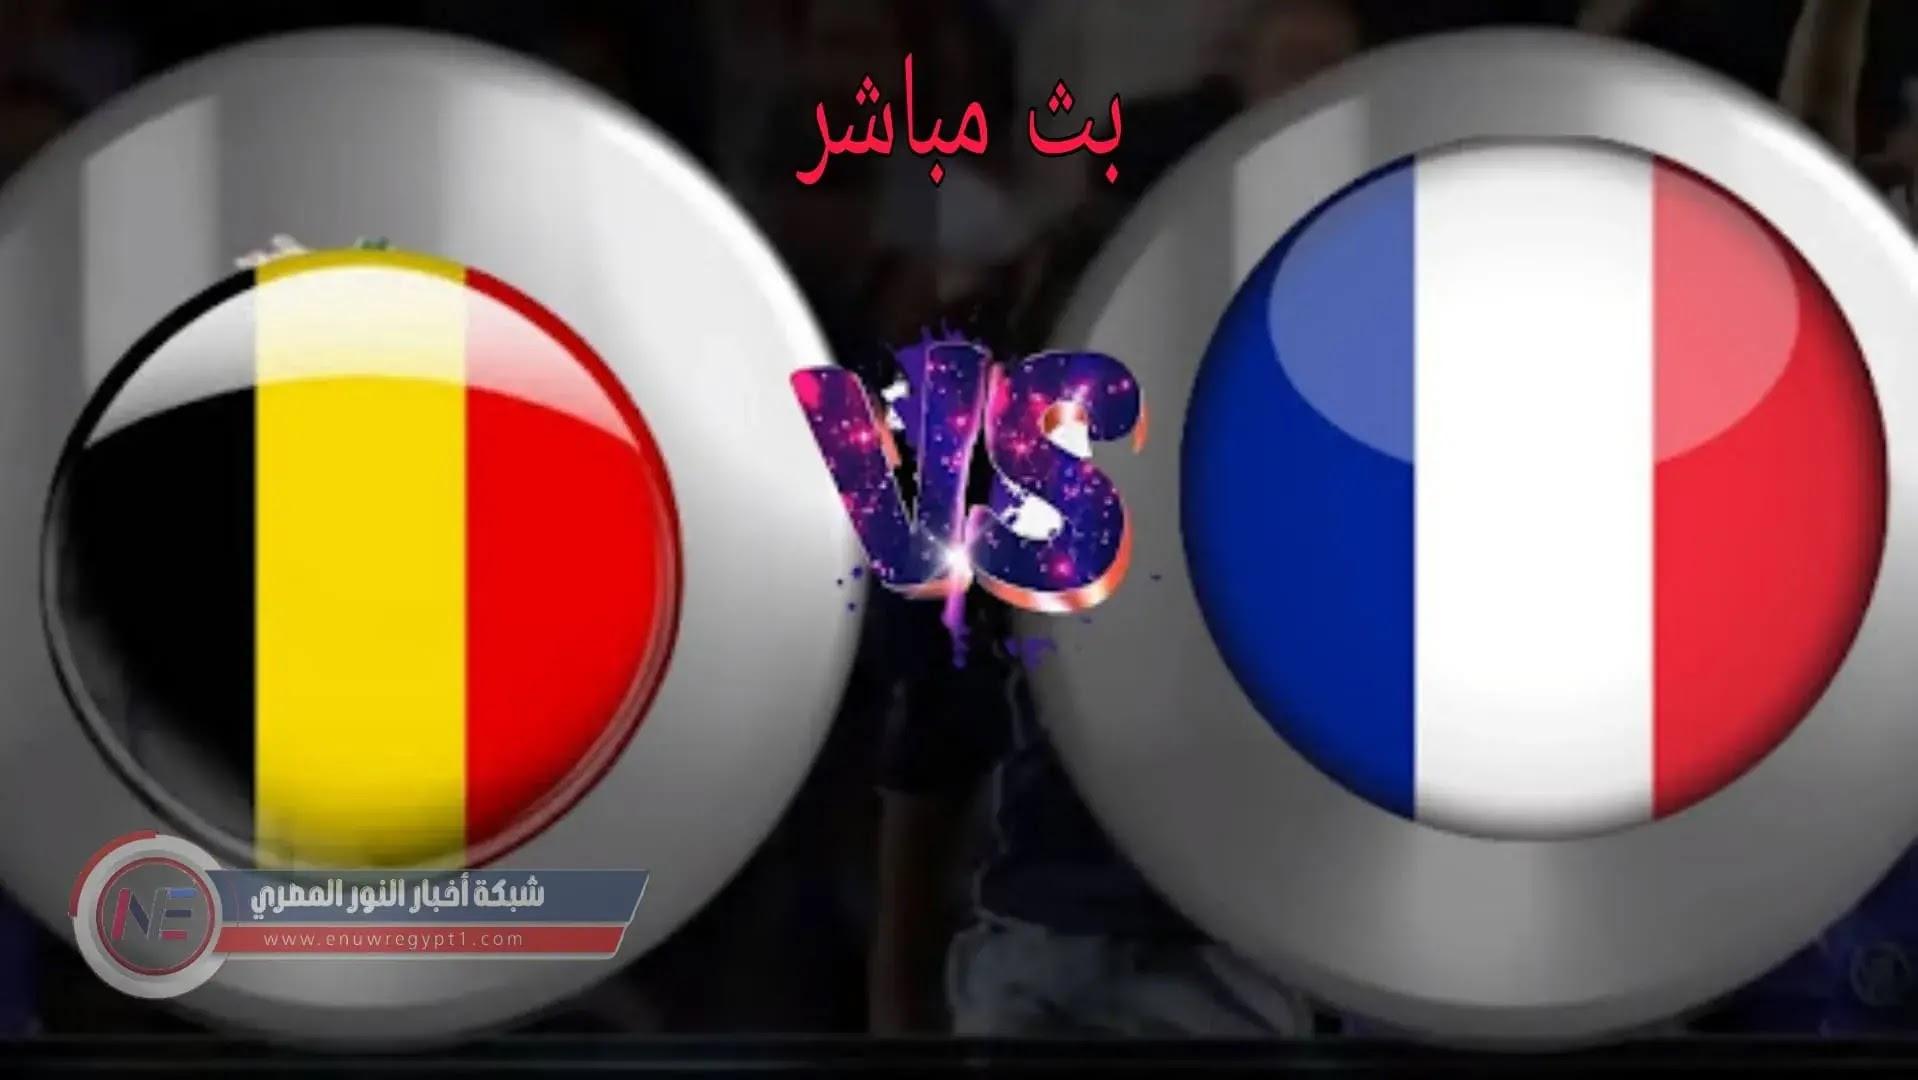 كورة لايف يوتيوب .. مشاهدة مباراة بلجيكا و فرنسا بث مباشر اليوم 07-10-2021 في دوري الأمم الأوروبية بجودة عالية بدون تقطيع